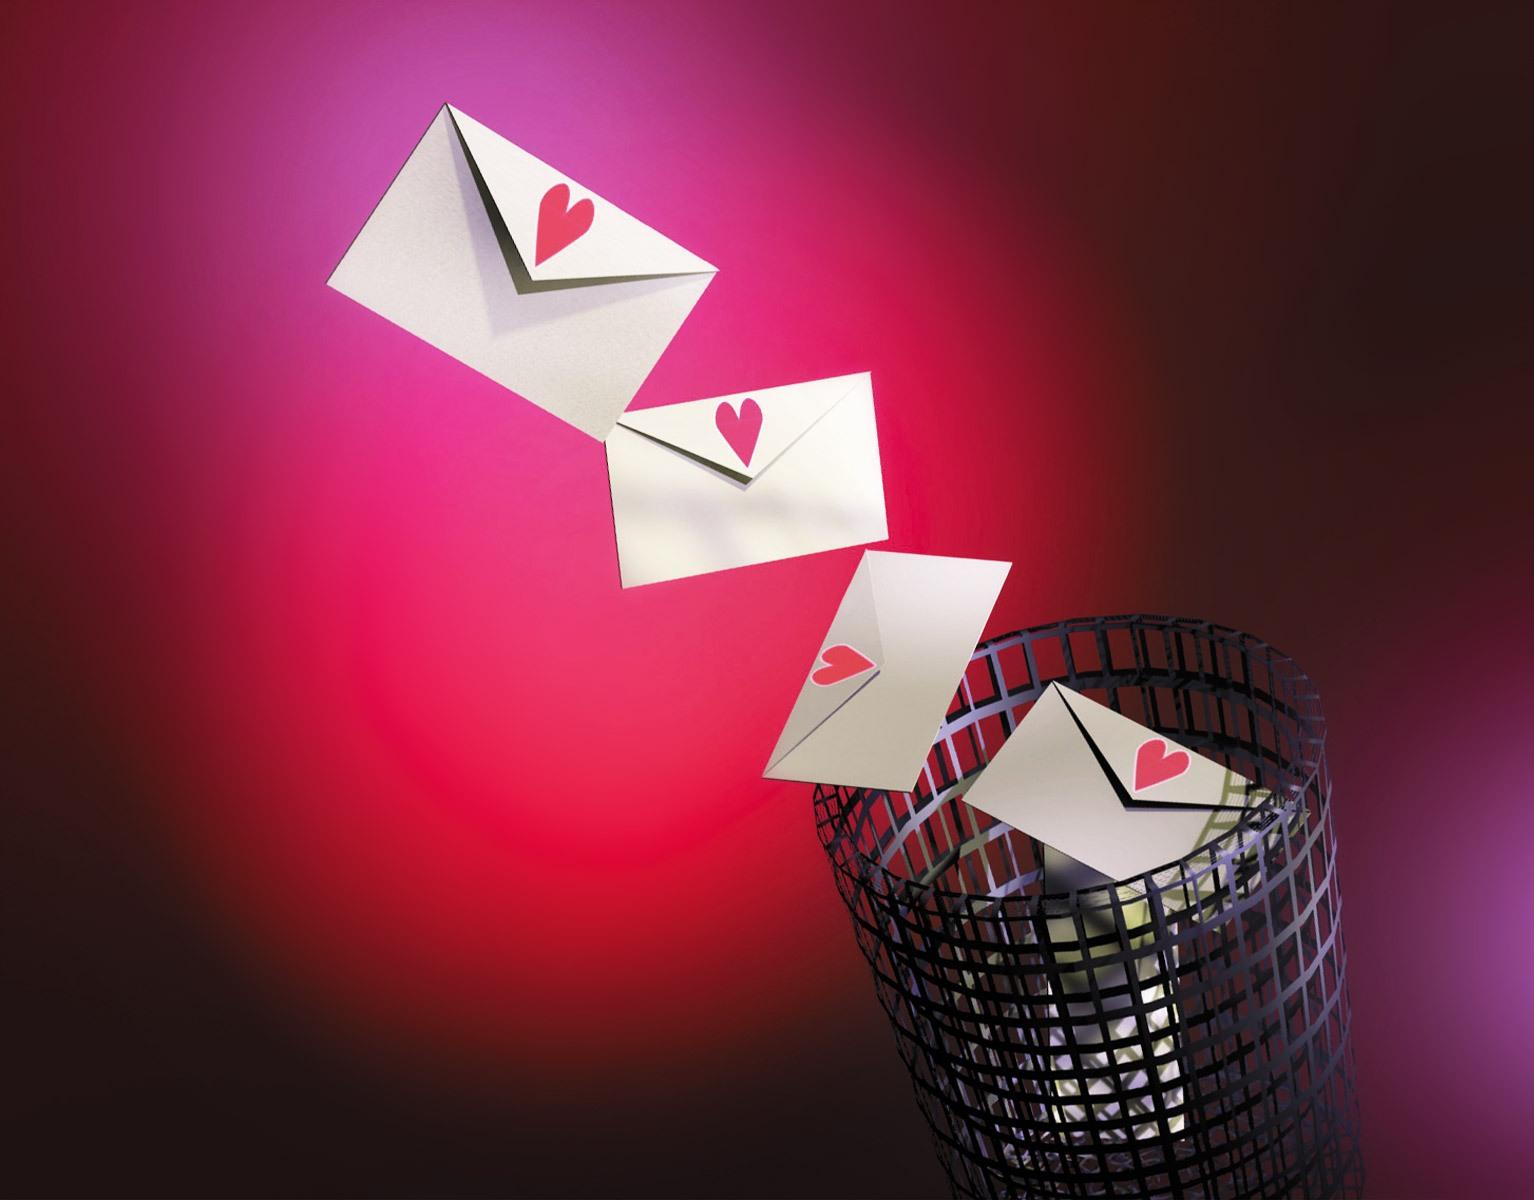 http://1.bp.blogspot.com/-bIyPM27cDrk/TbAi1MVCyWI/AAAAAAAAClU/tPVlXNue_-Y/s1600/Love_Letters_wallpaper.jpg